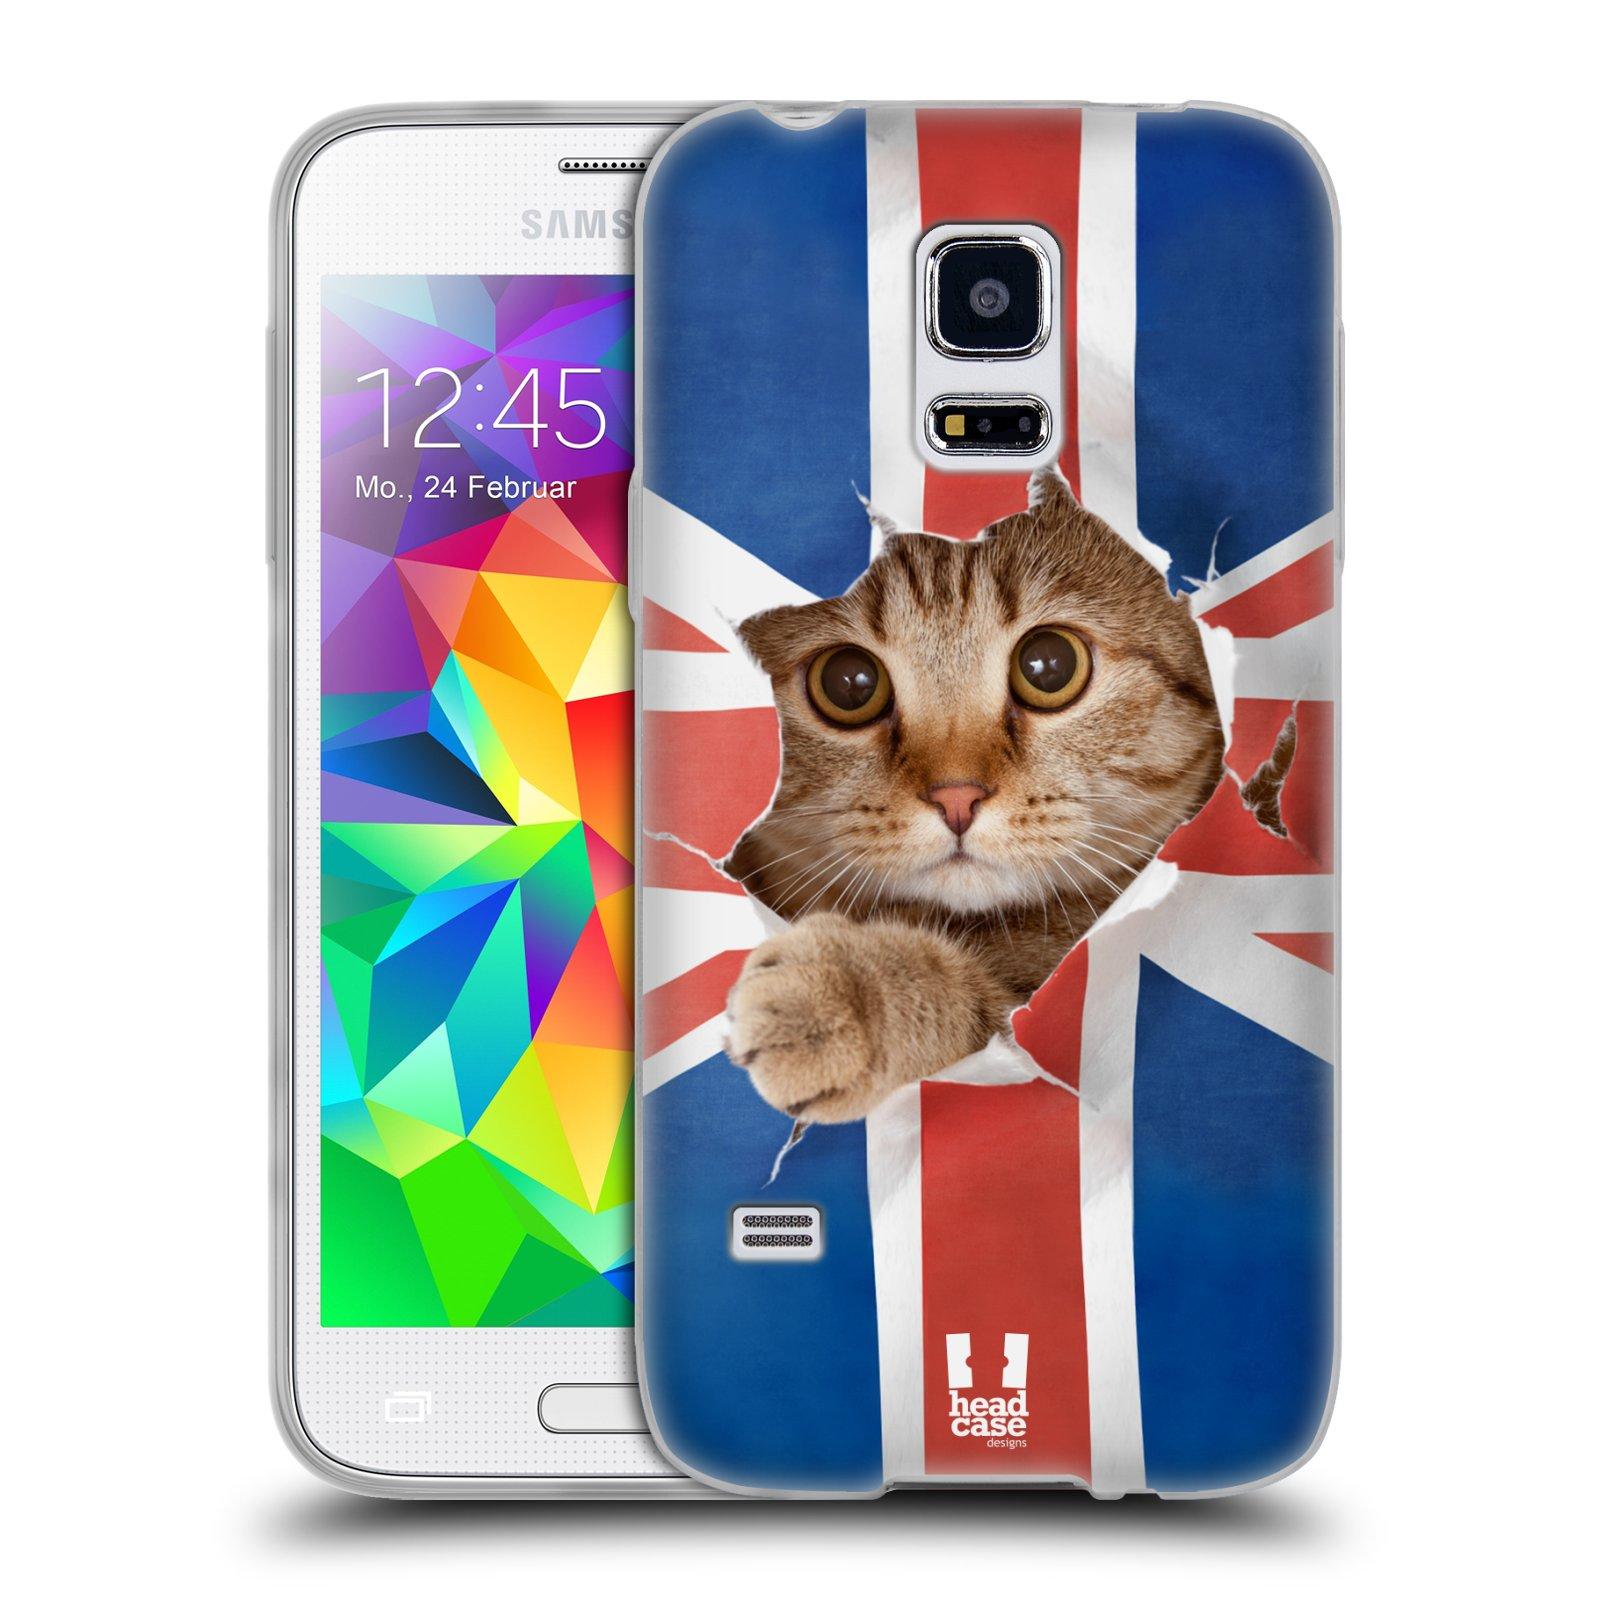 HEAD CASE silikonový obal na mobil Samsung Galaxy S5 MINI vzor Legrační zvířátka kočička a Velká Británie vlajka